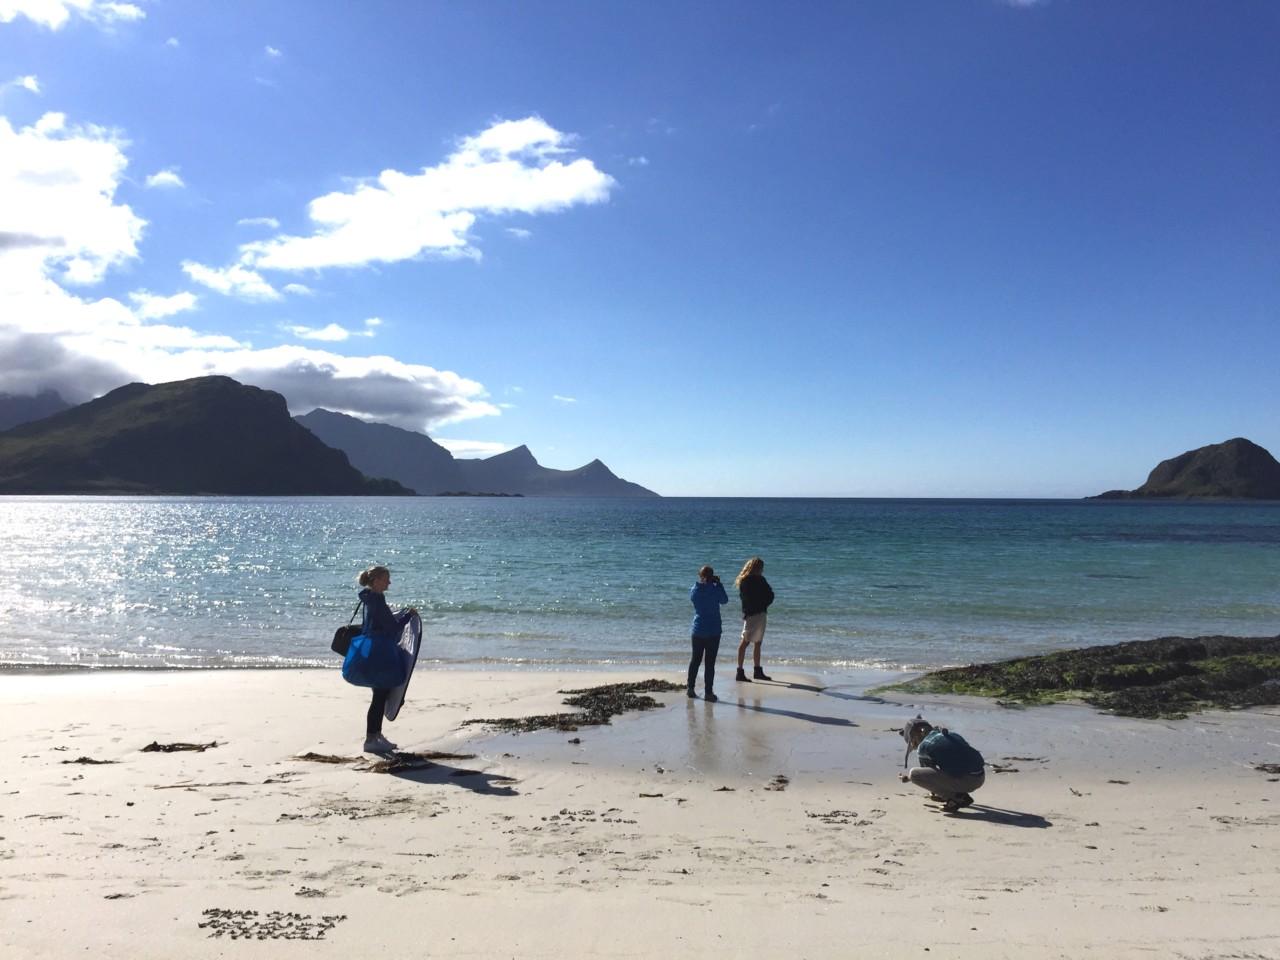 team-beach-julie-pike-eben-handbags-lofoten